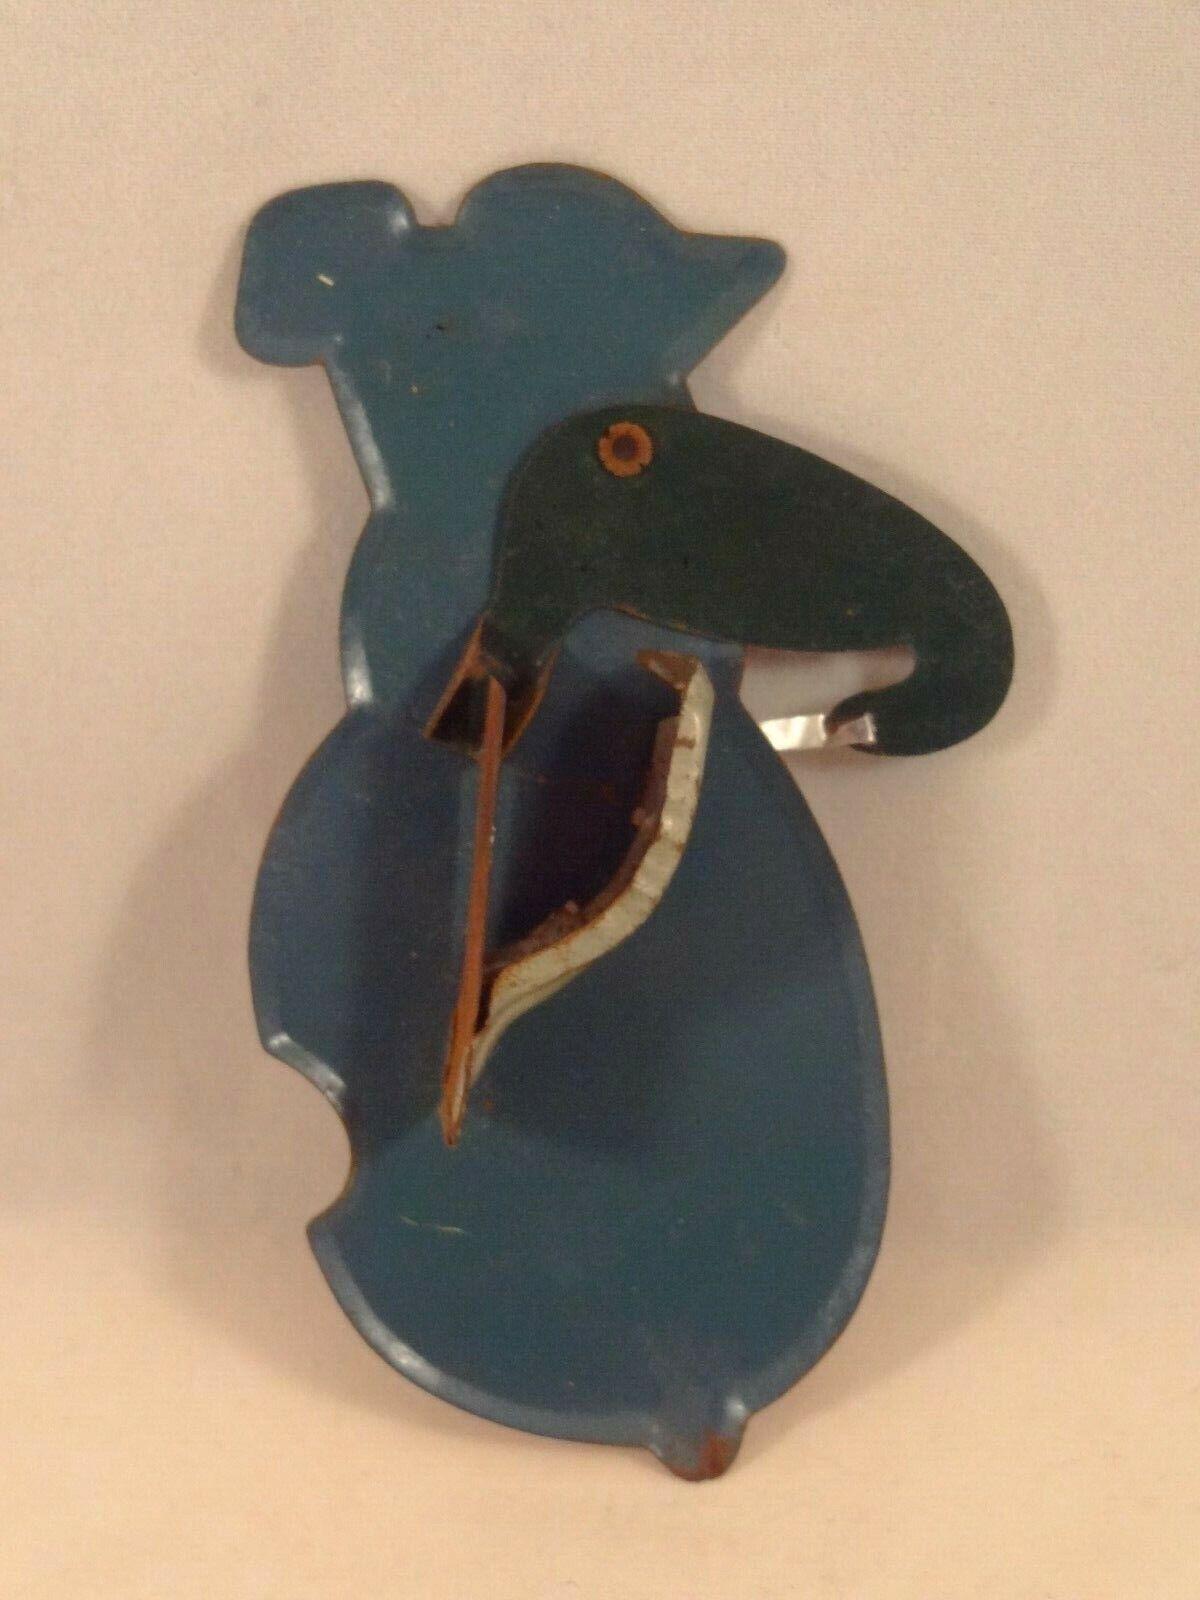 Ancien jouet tôle clic-clac pingouin violoncelliste musicien clicker japan 1950